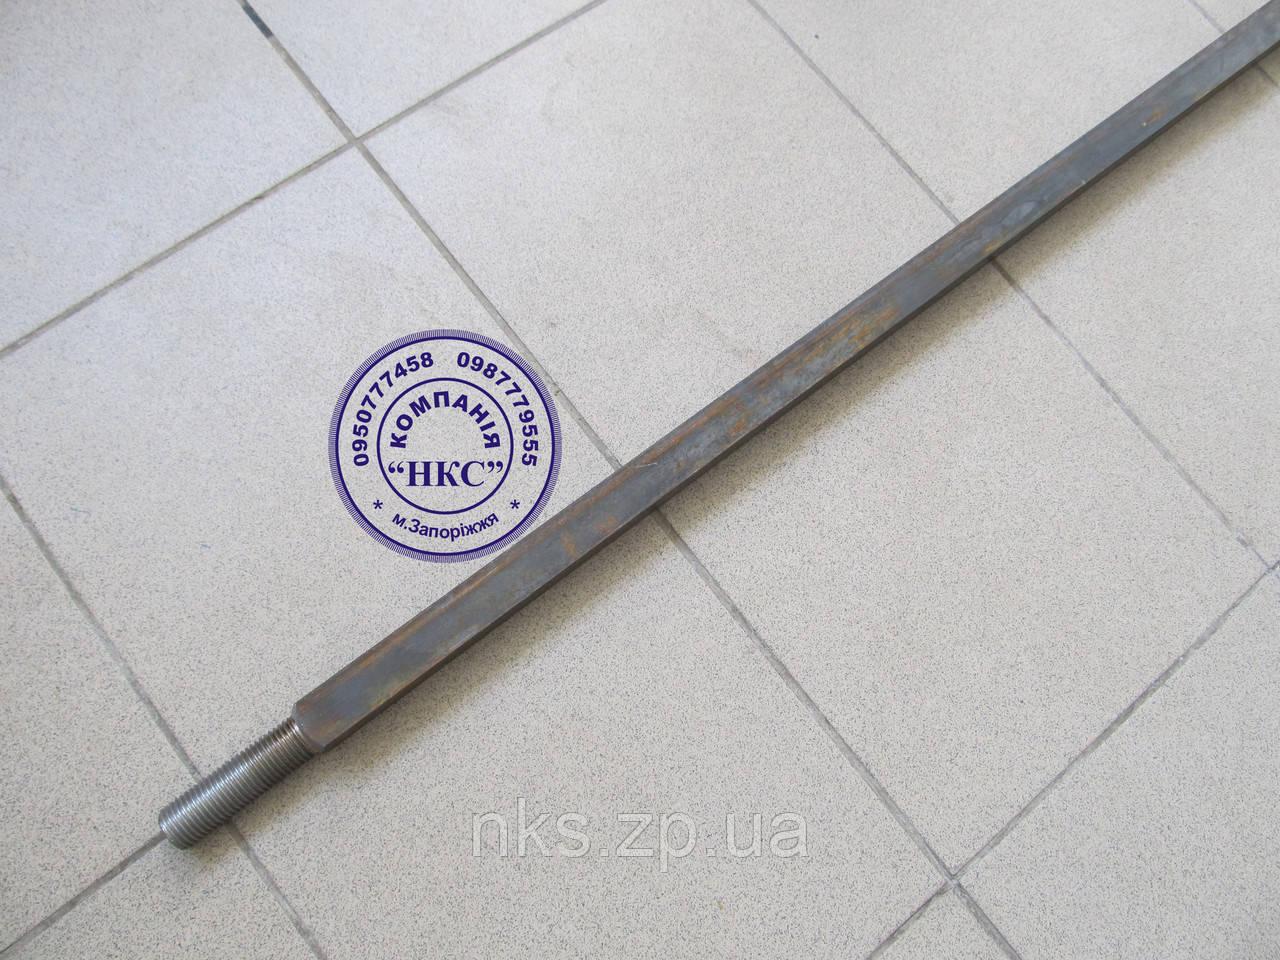 Вісь ріжучого вузла 1650 мм ЛДГ-10.